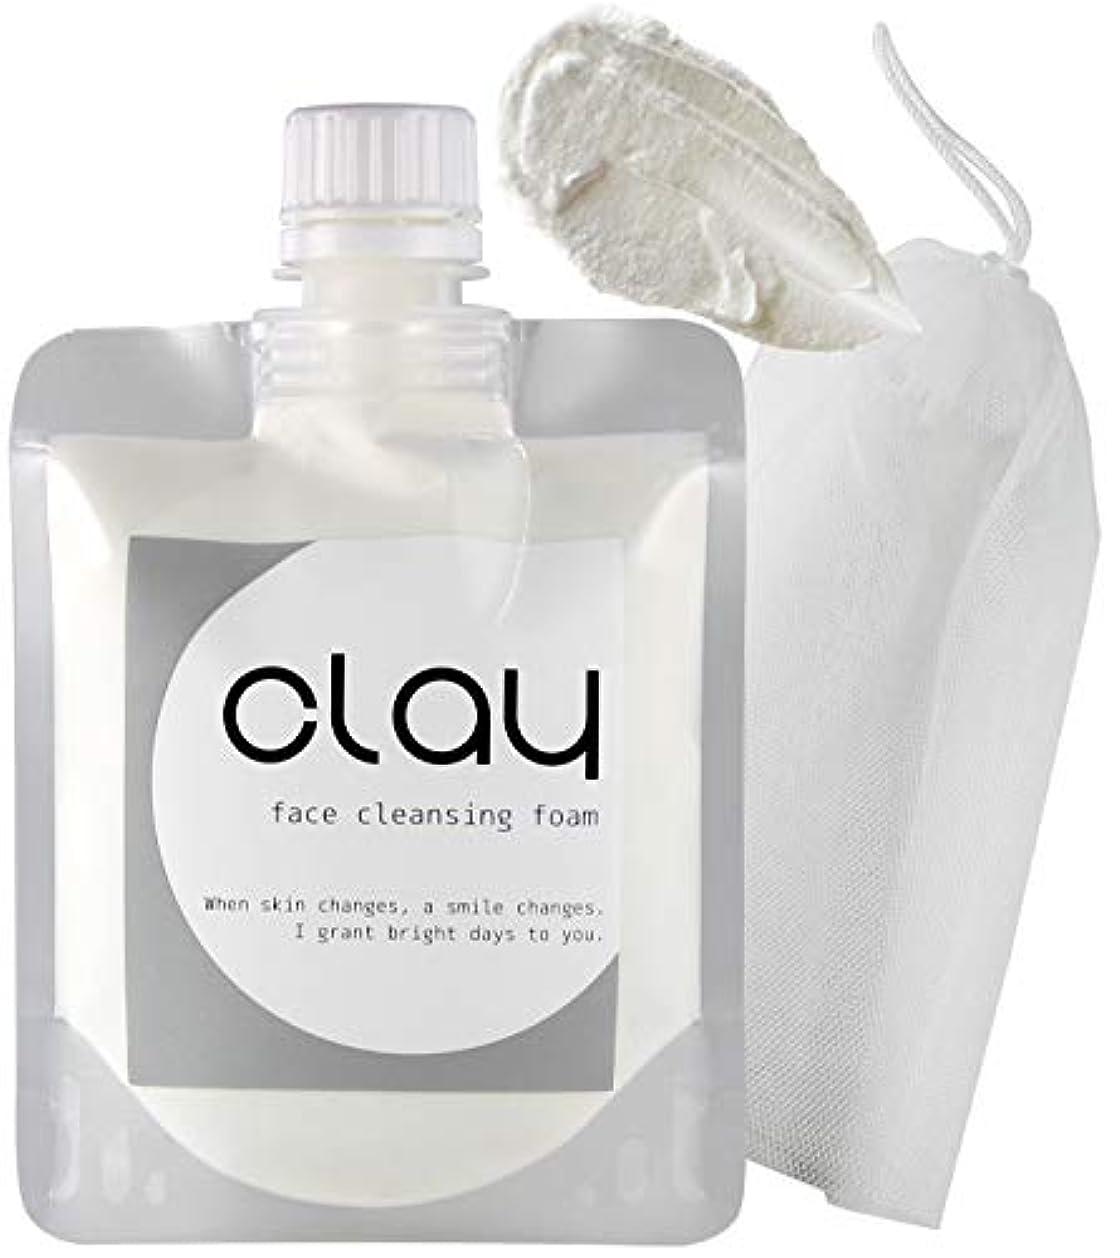 シャット知事ドナウ川STAR'S クレイ 泥 洗顔 オーガニック 【 毛穴 黒ずみ 開き ザラ付き 用】「 泡 ネット 付き」 40種類の植物エキス 16種類の美容成分 9つの無添加 透明感 柔肌 130g (Clay)